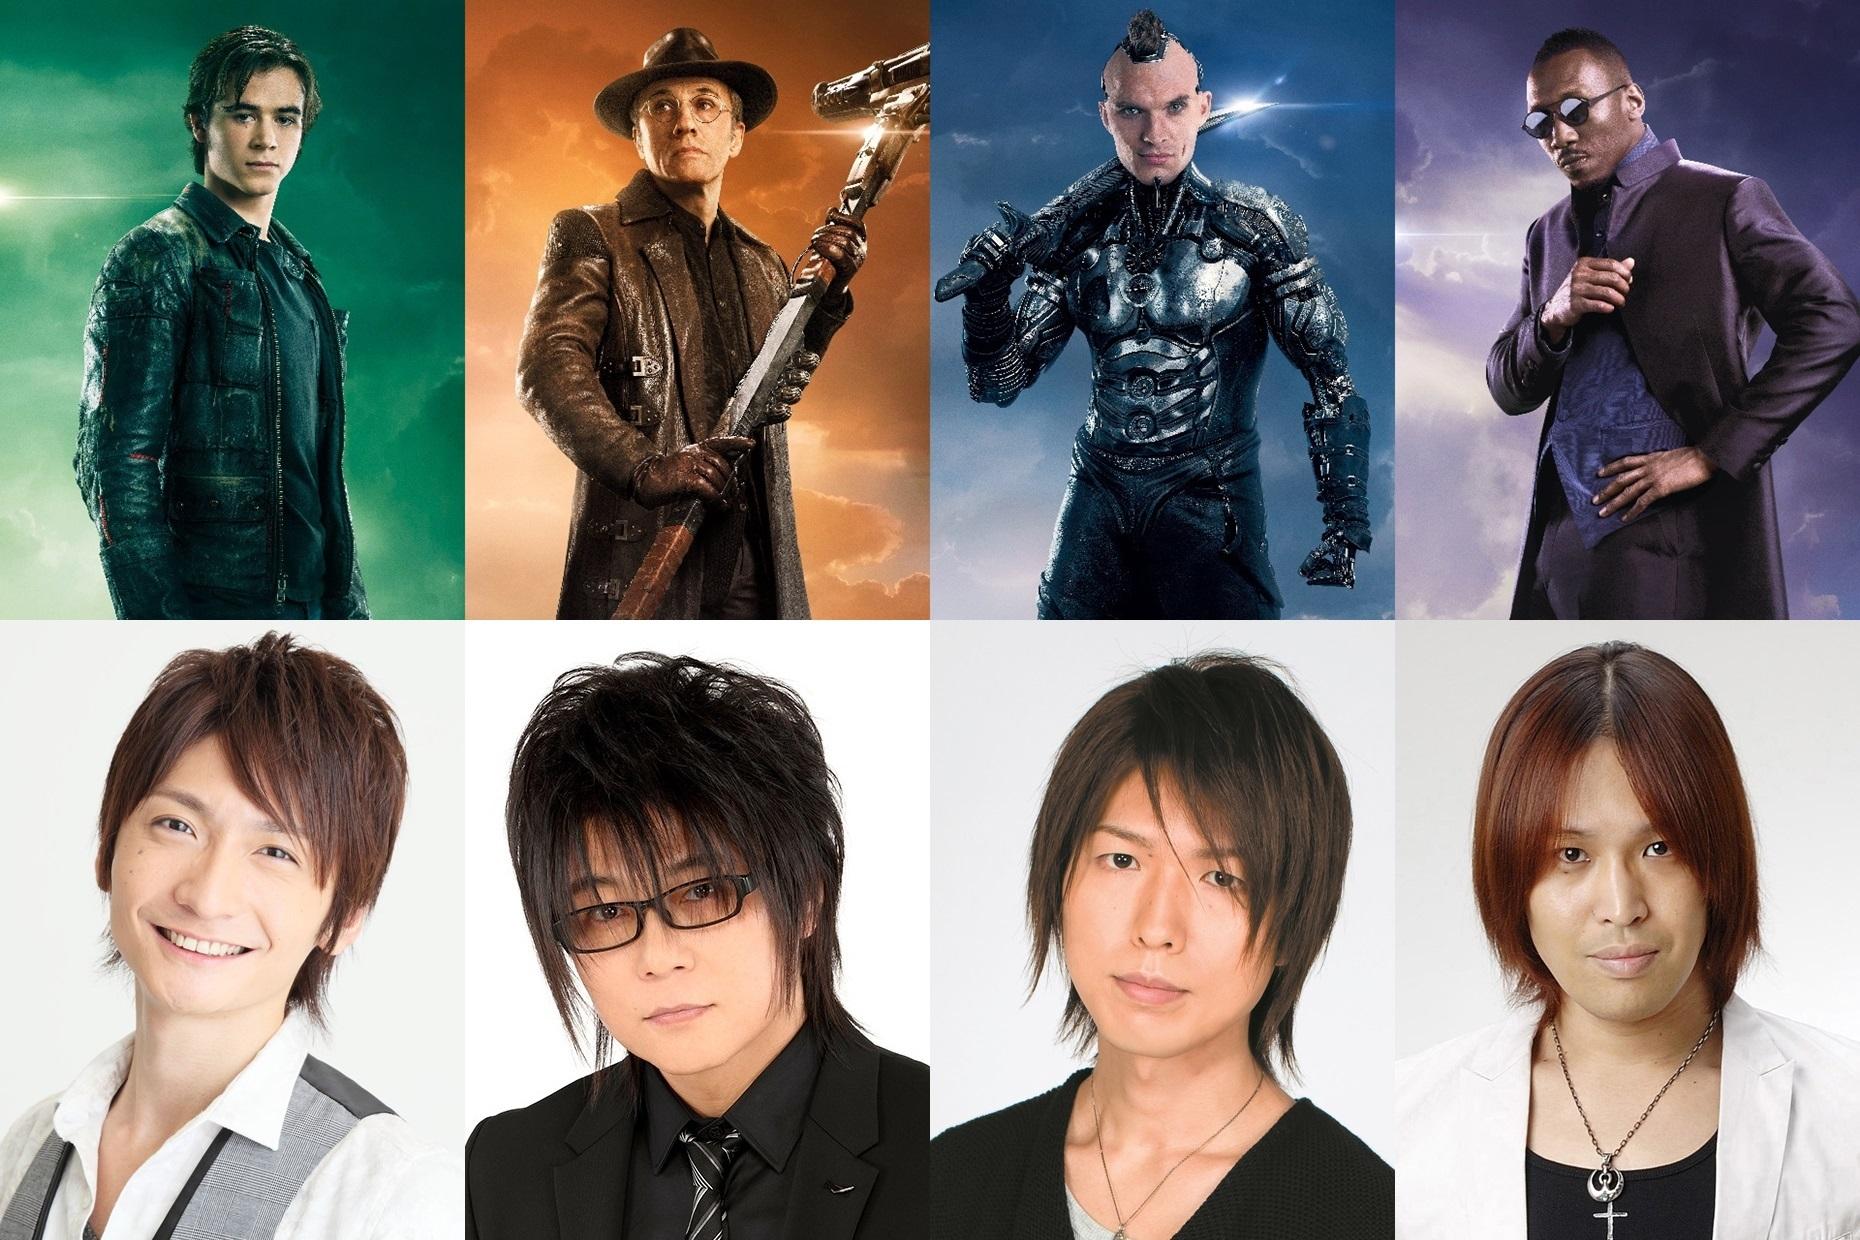 下段左から、島﨑信長、森川智之、神谷浩史、鶴岡聡